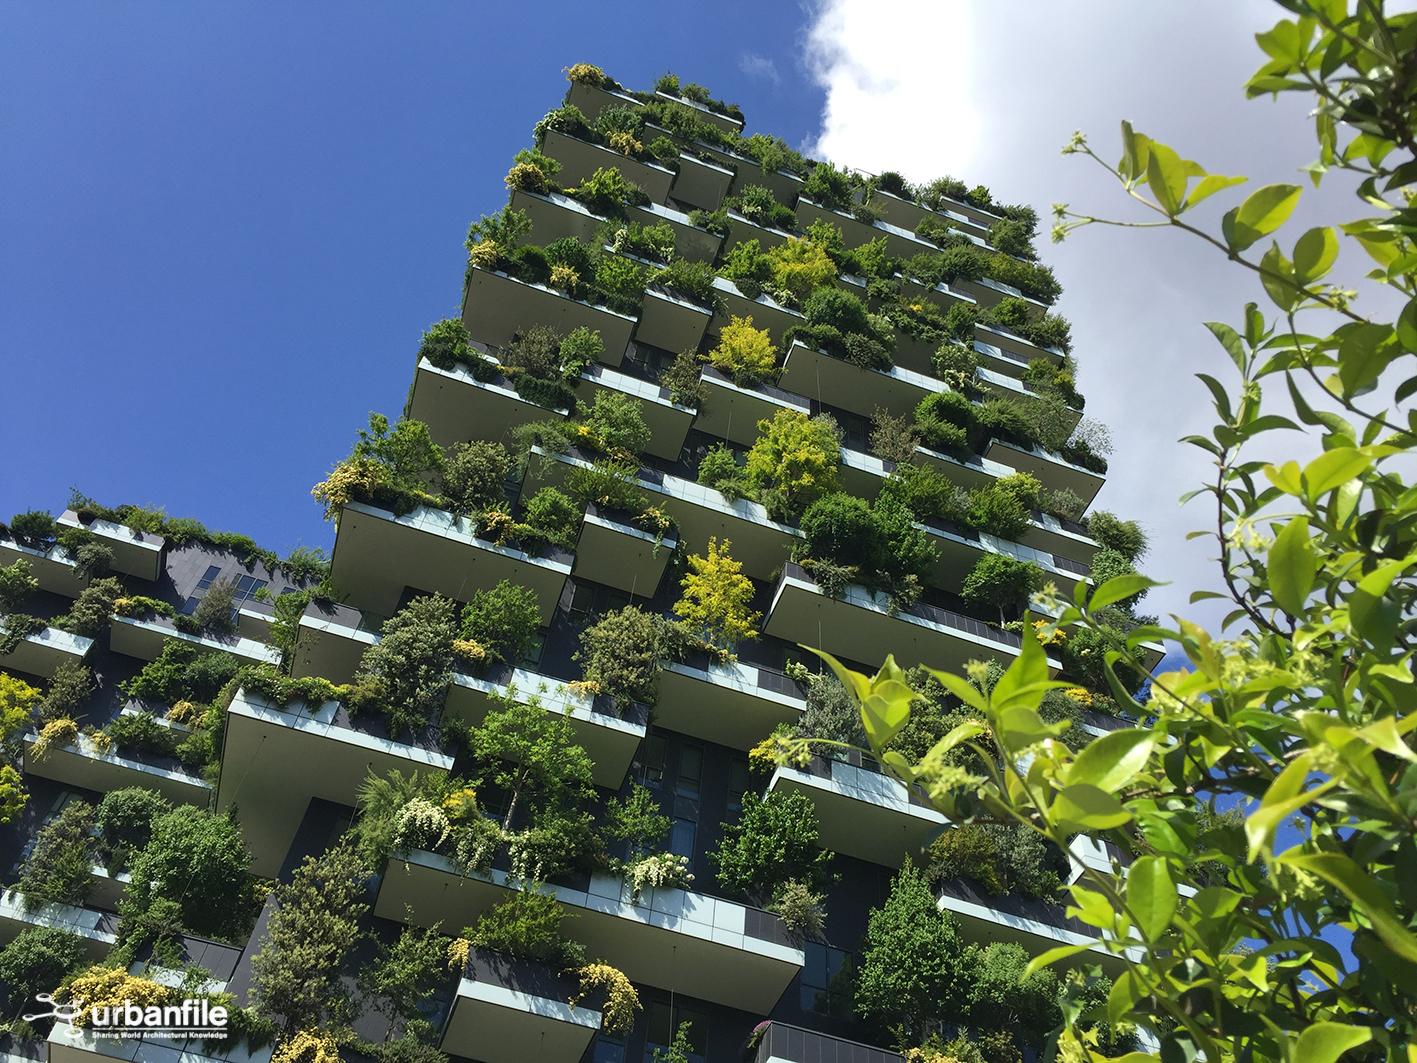 milano isola il verdeggiante bosco verticale